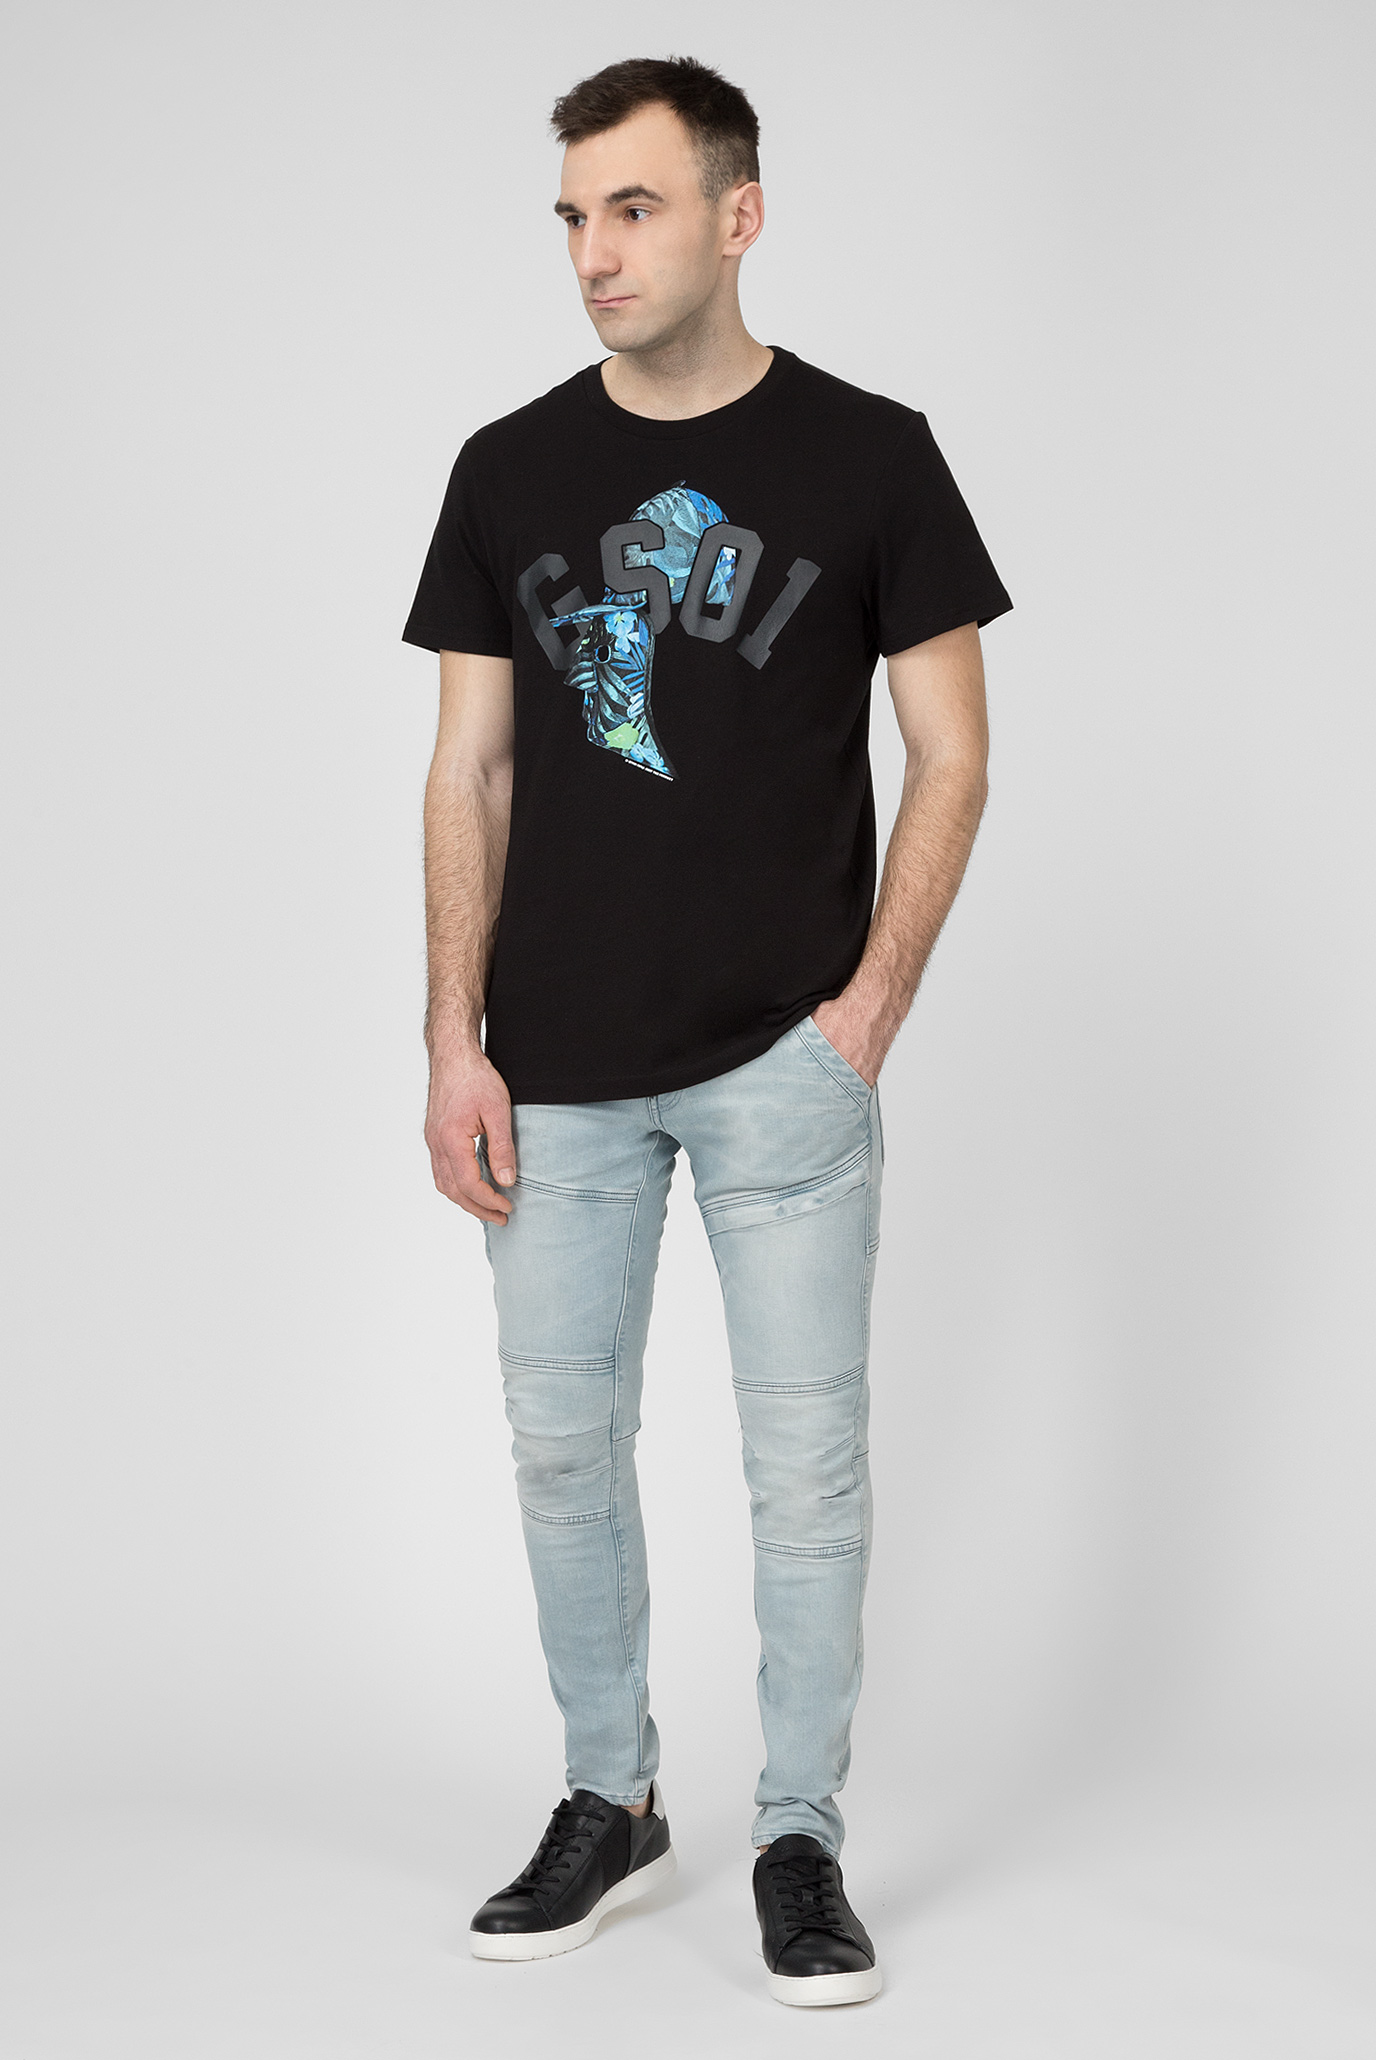 Купить Мужские голубые джинсы RACKAM G-Star RAW G-Star RAW D06763,9882 – Киев, Украина. Цены в интернет магазине MD Fashion